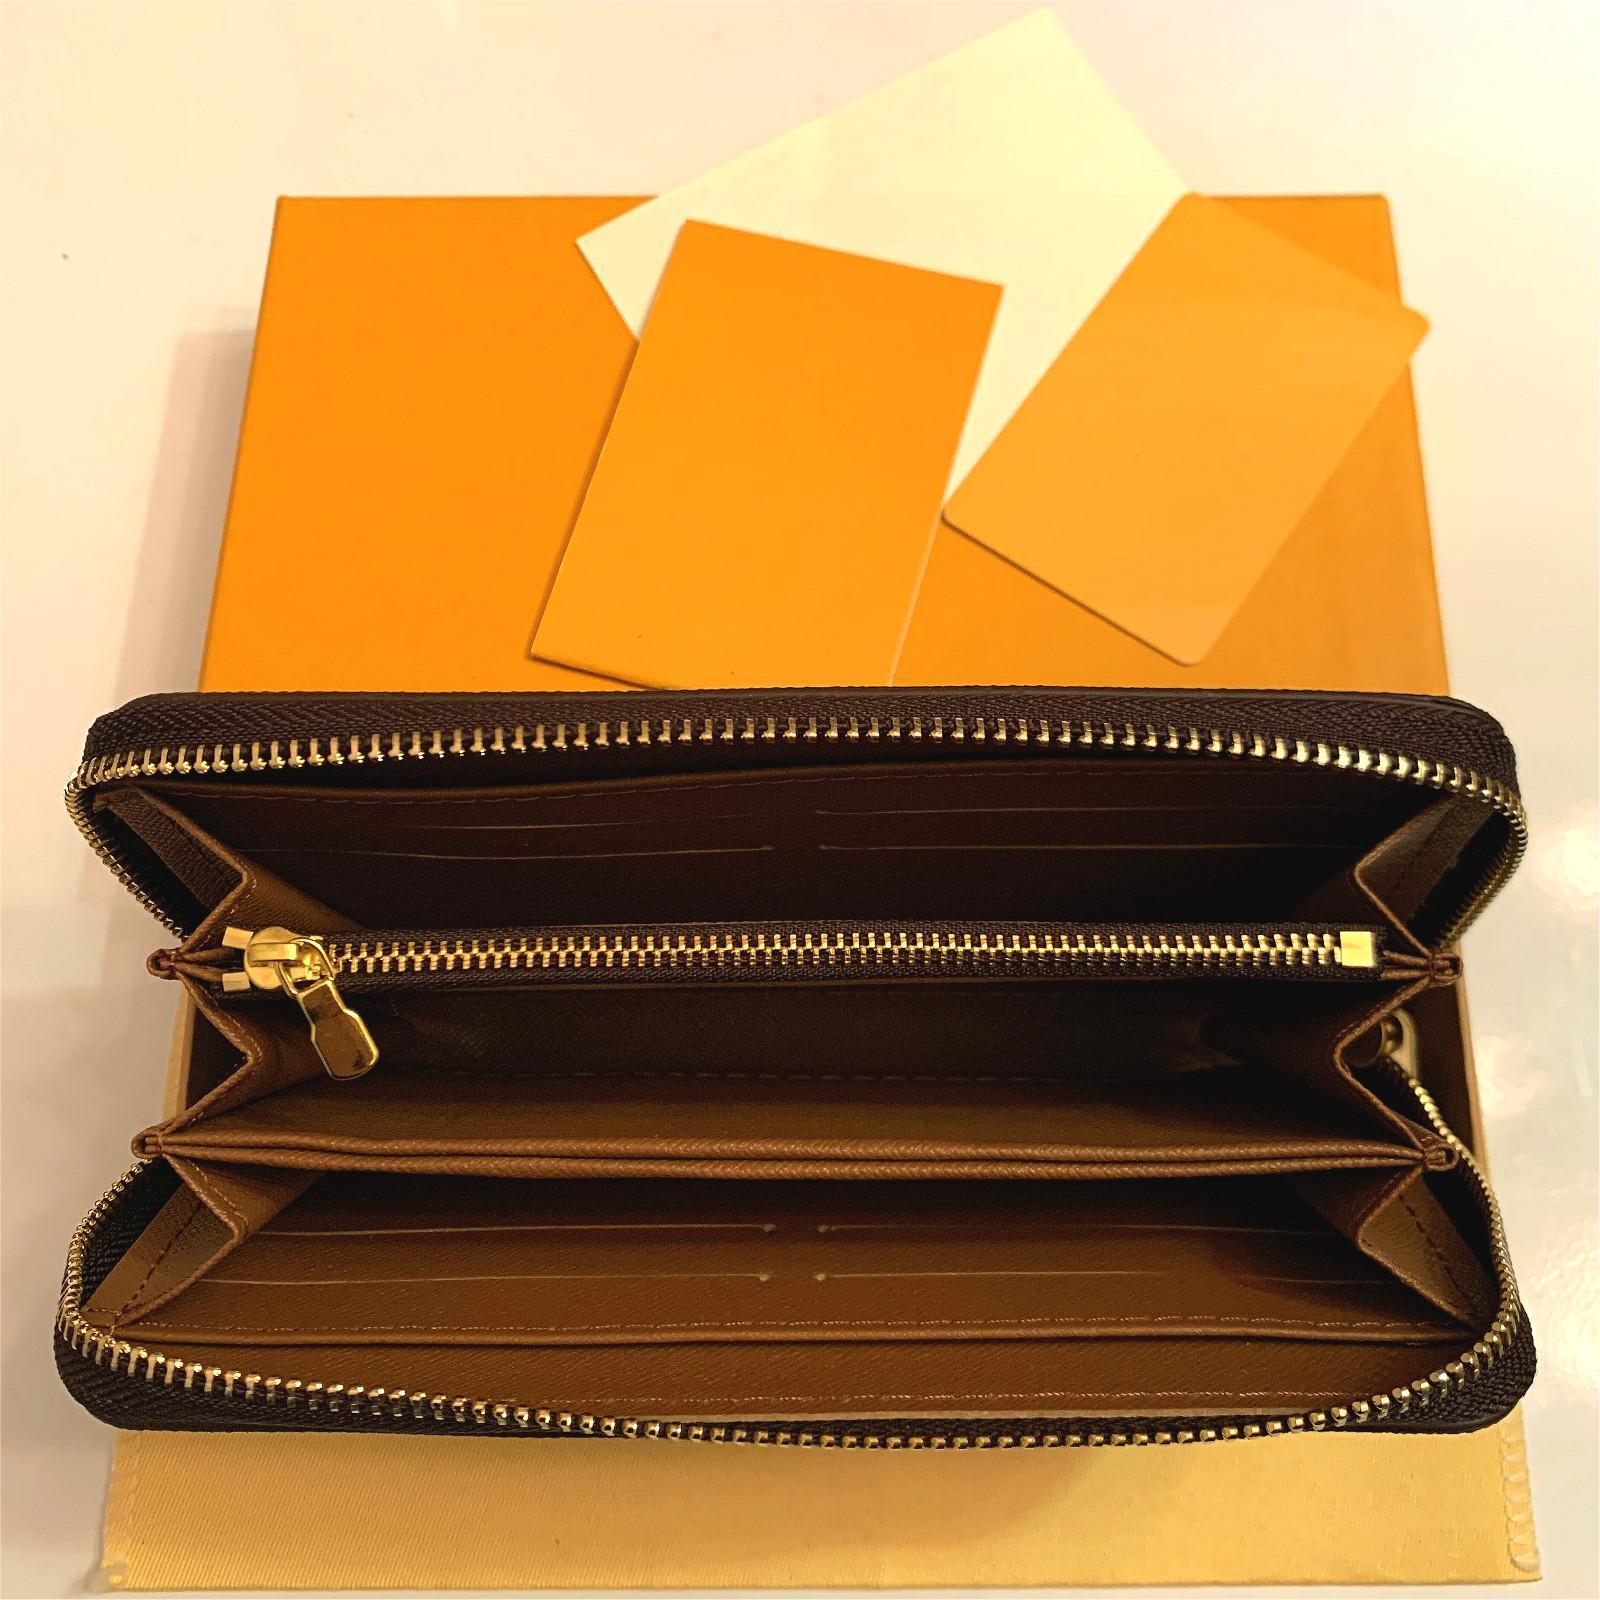 N60017 Lüks Tasarımcı Zippy Uzun Cüzdan kadın Fermuar Kahverengi Cüzdan Mono Gram Kansıcılar Deri Çek Ekose Cüzdan Ücretsiz Kargo İyi QauLity